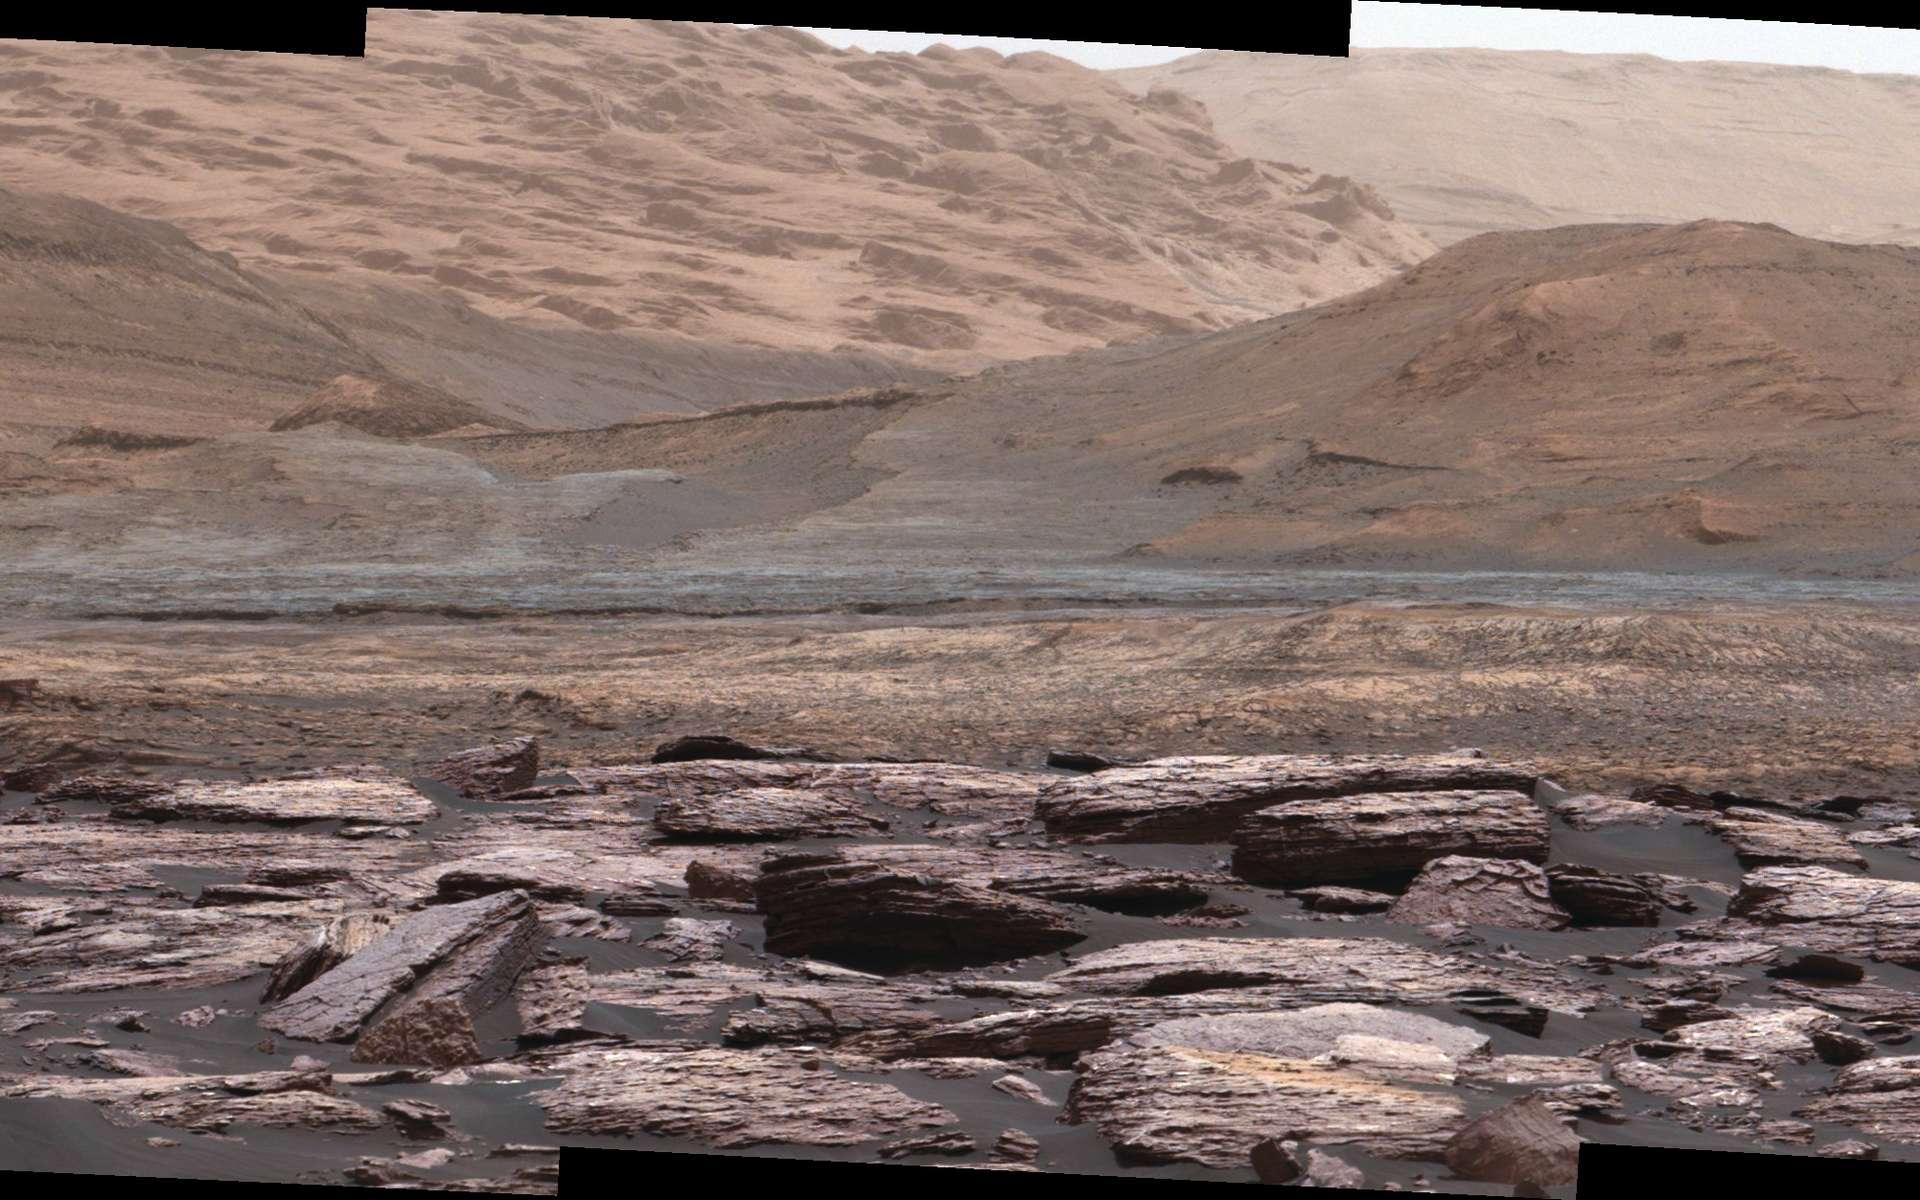 Extrait d'une vue panoramique créée à partir d'images pris la caméra du mât de Curiosity lors du Sol 1520. Les teintes pourpres des roches au premier-plan indiquent la présence d'hématite. À l'arrière-plan, les collines contenant davantage sulfates sont la prochaine destination du rover. © Nasa, JPL-Caltech, MSSS